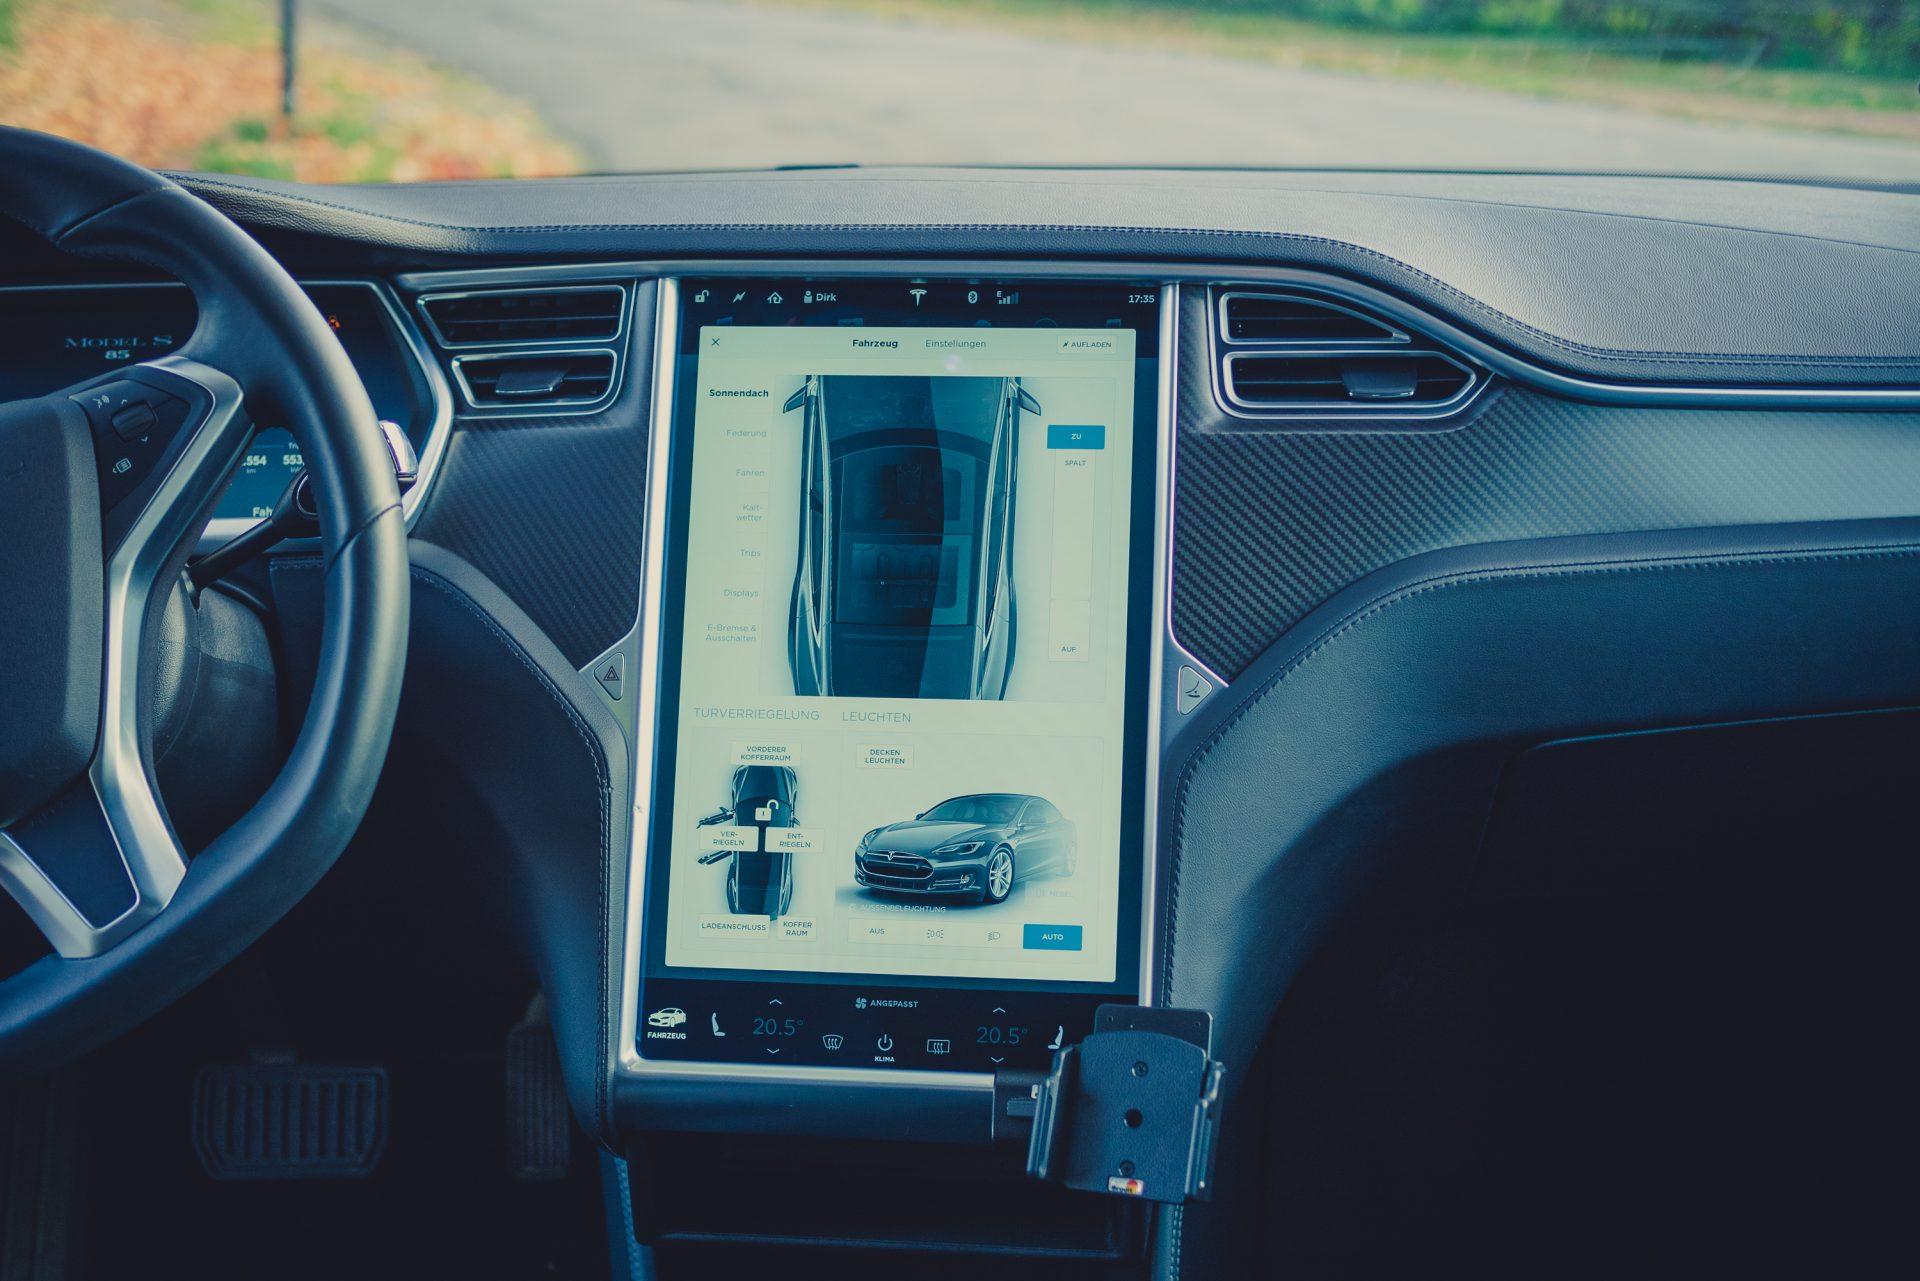 Tesla Model S85 Touchscreen Menü Schiebedach sun roof options Einstellungen Auswahl greenspeed emobility Deutschland Gebrauchtwagen Elektro Elektroauto kaufen